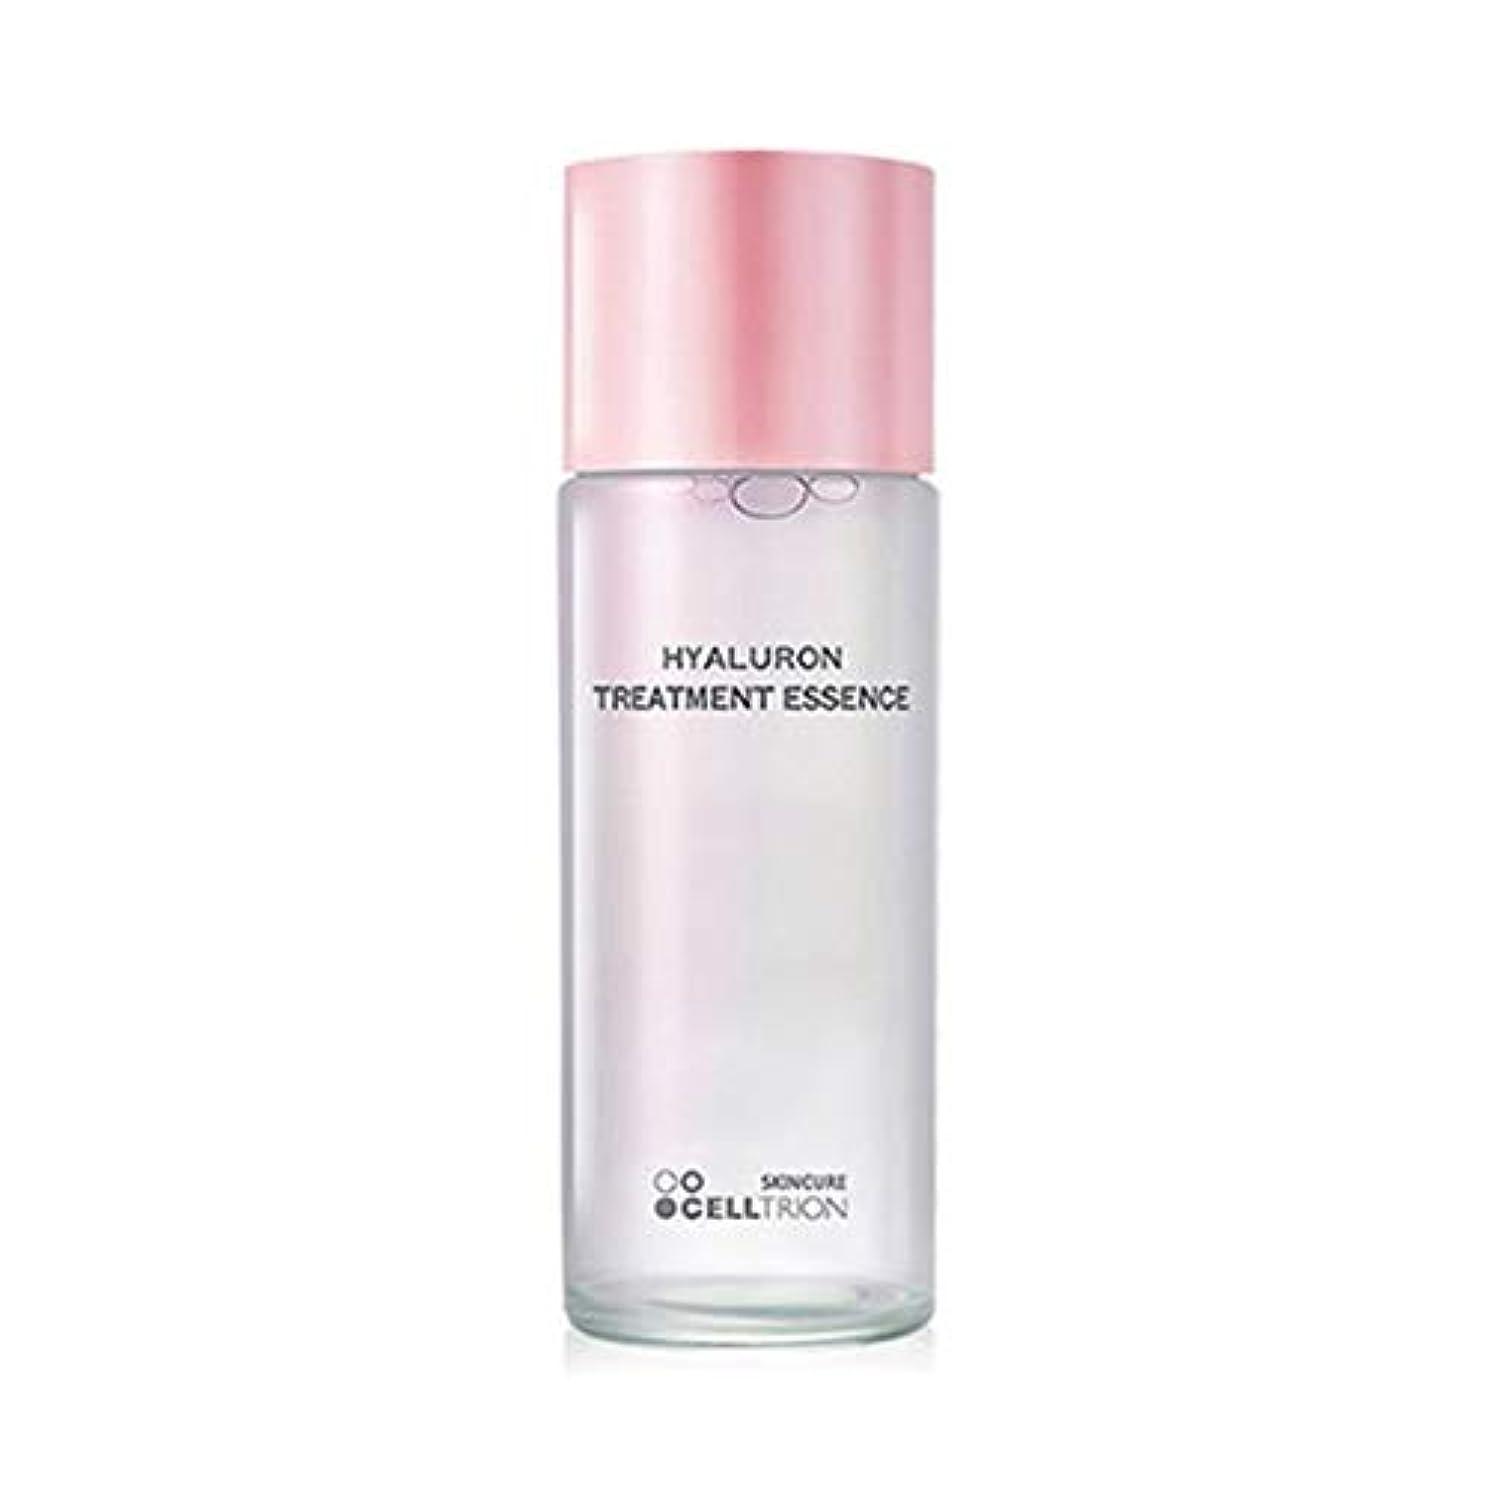 セルトリオンスキンキュアヒアルロントリートメントエッセンス150ml 皮膚保湿、Celltrion Skincure Hyaluron Treatment Essence 150ml Moisturizing [並行輸入品]